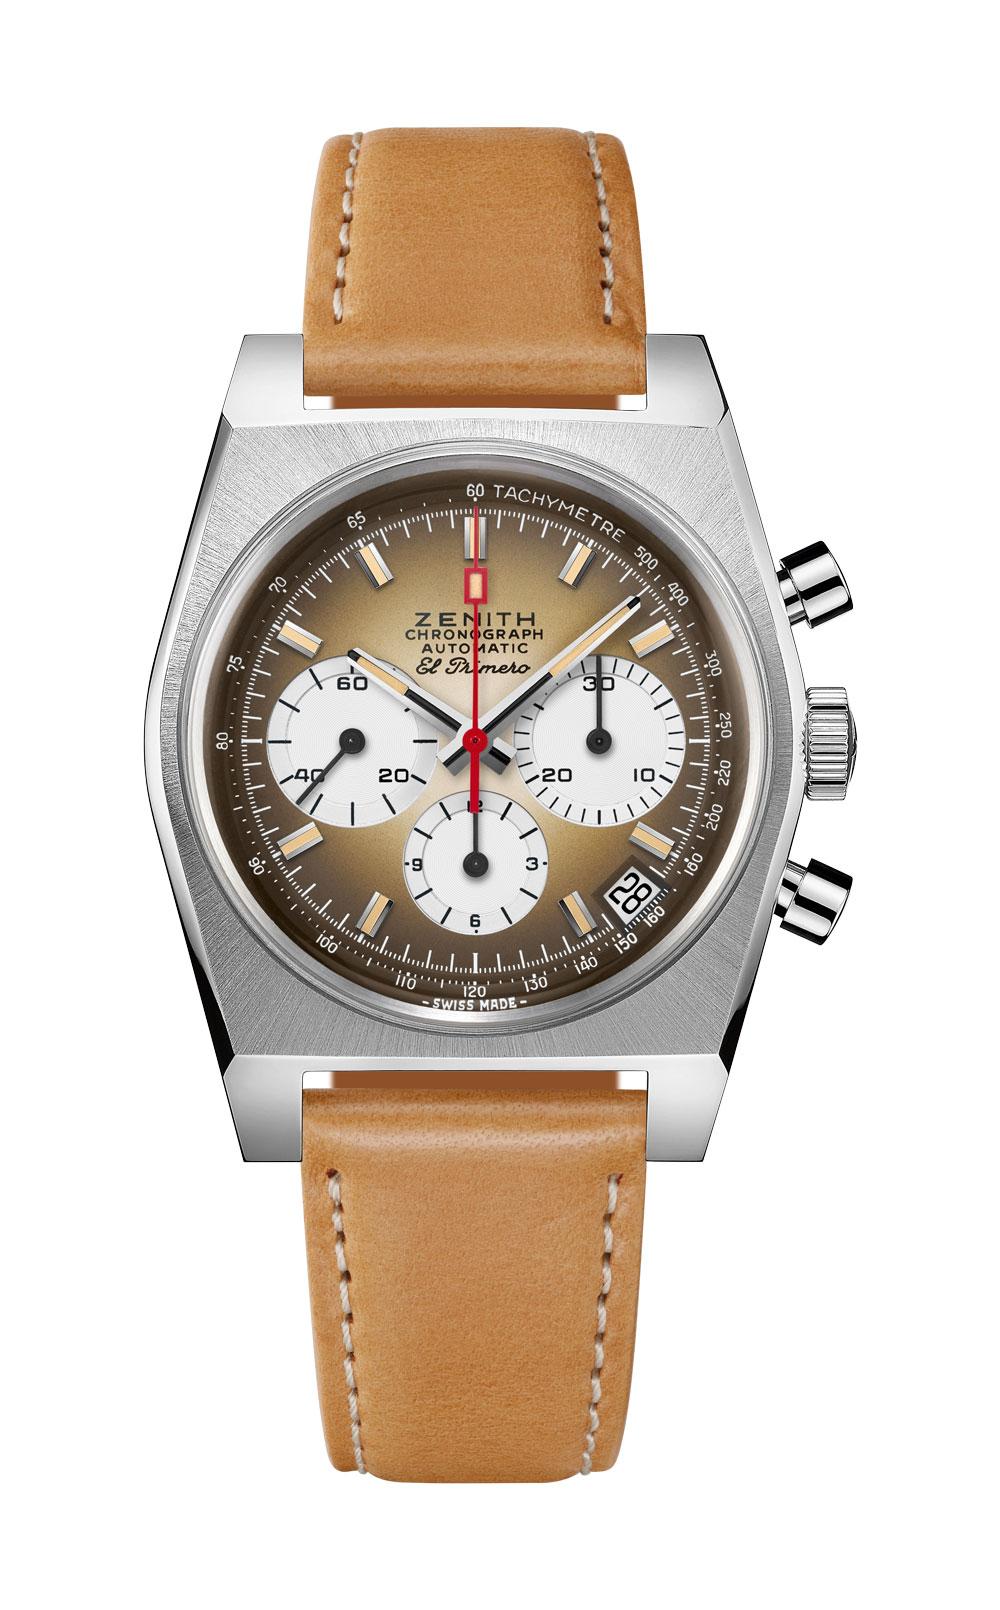 Zenith Chronomaster Revival El Primero A385 Watch